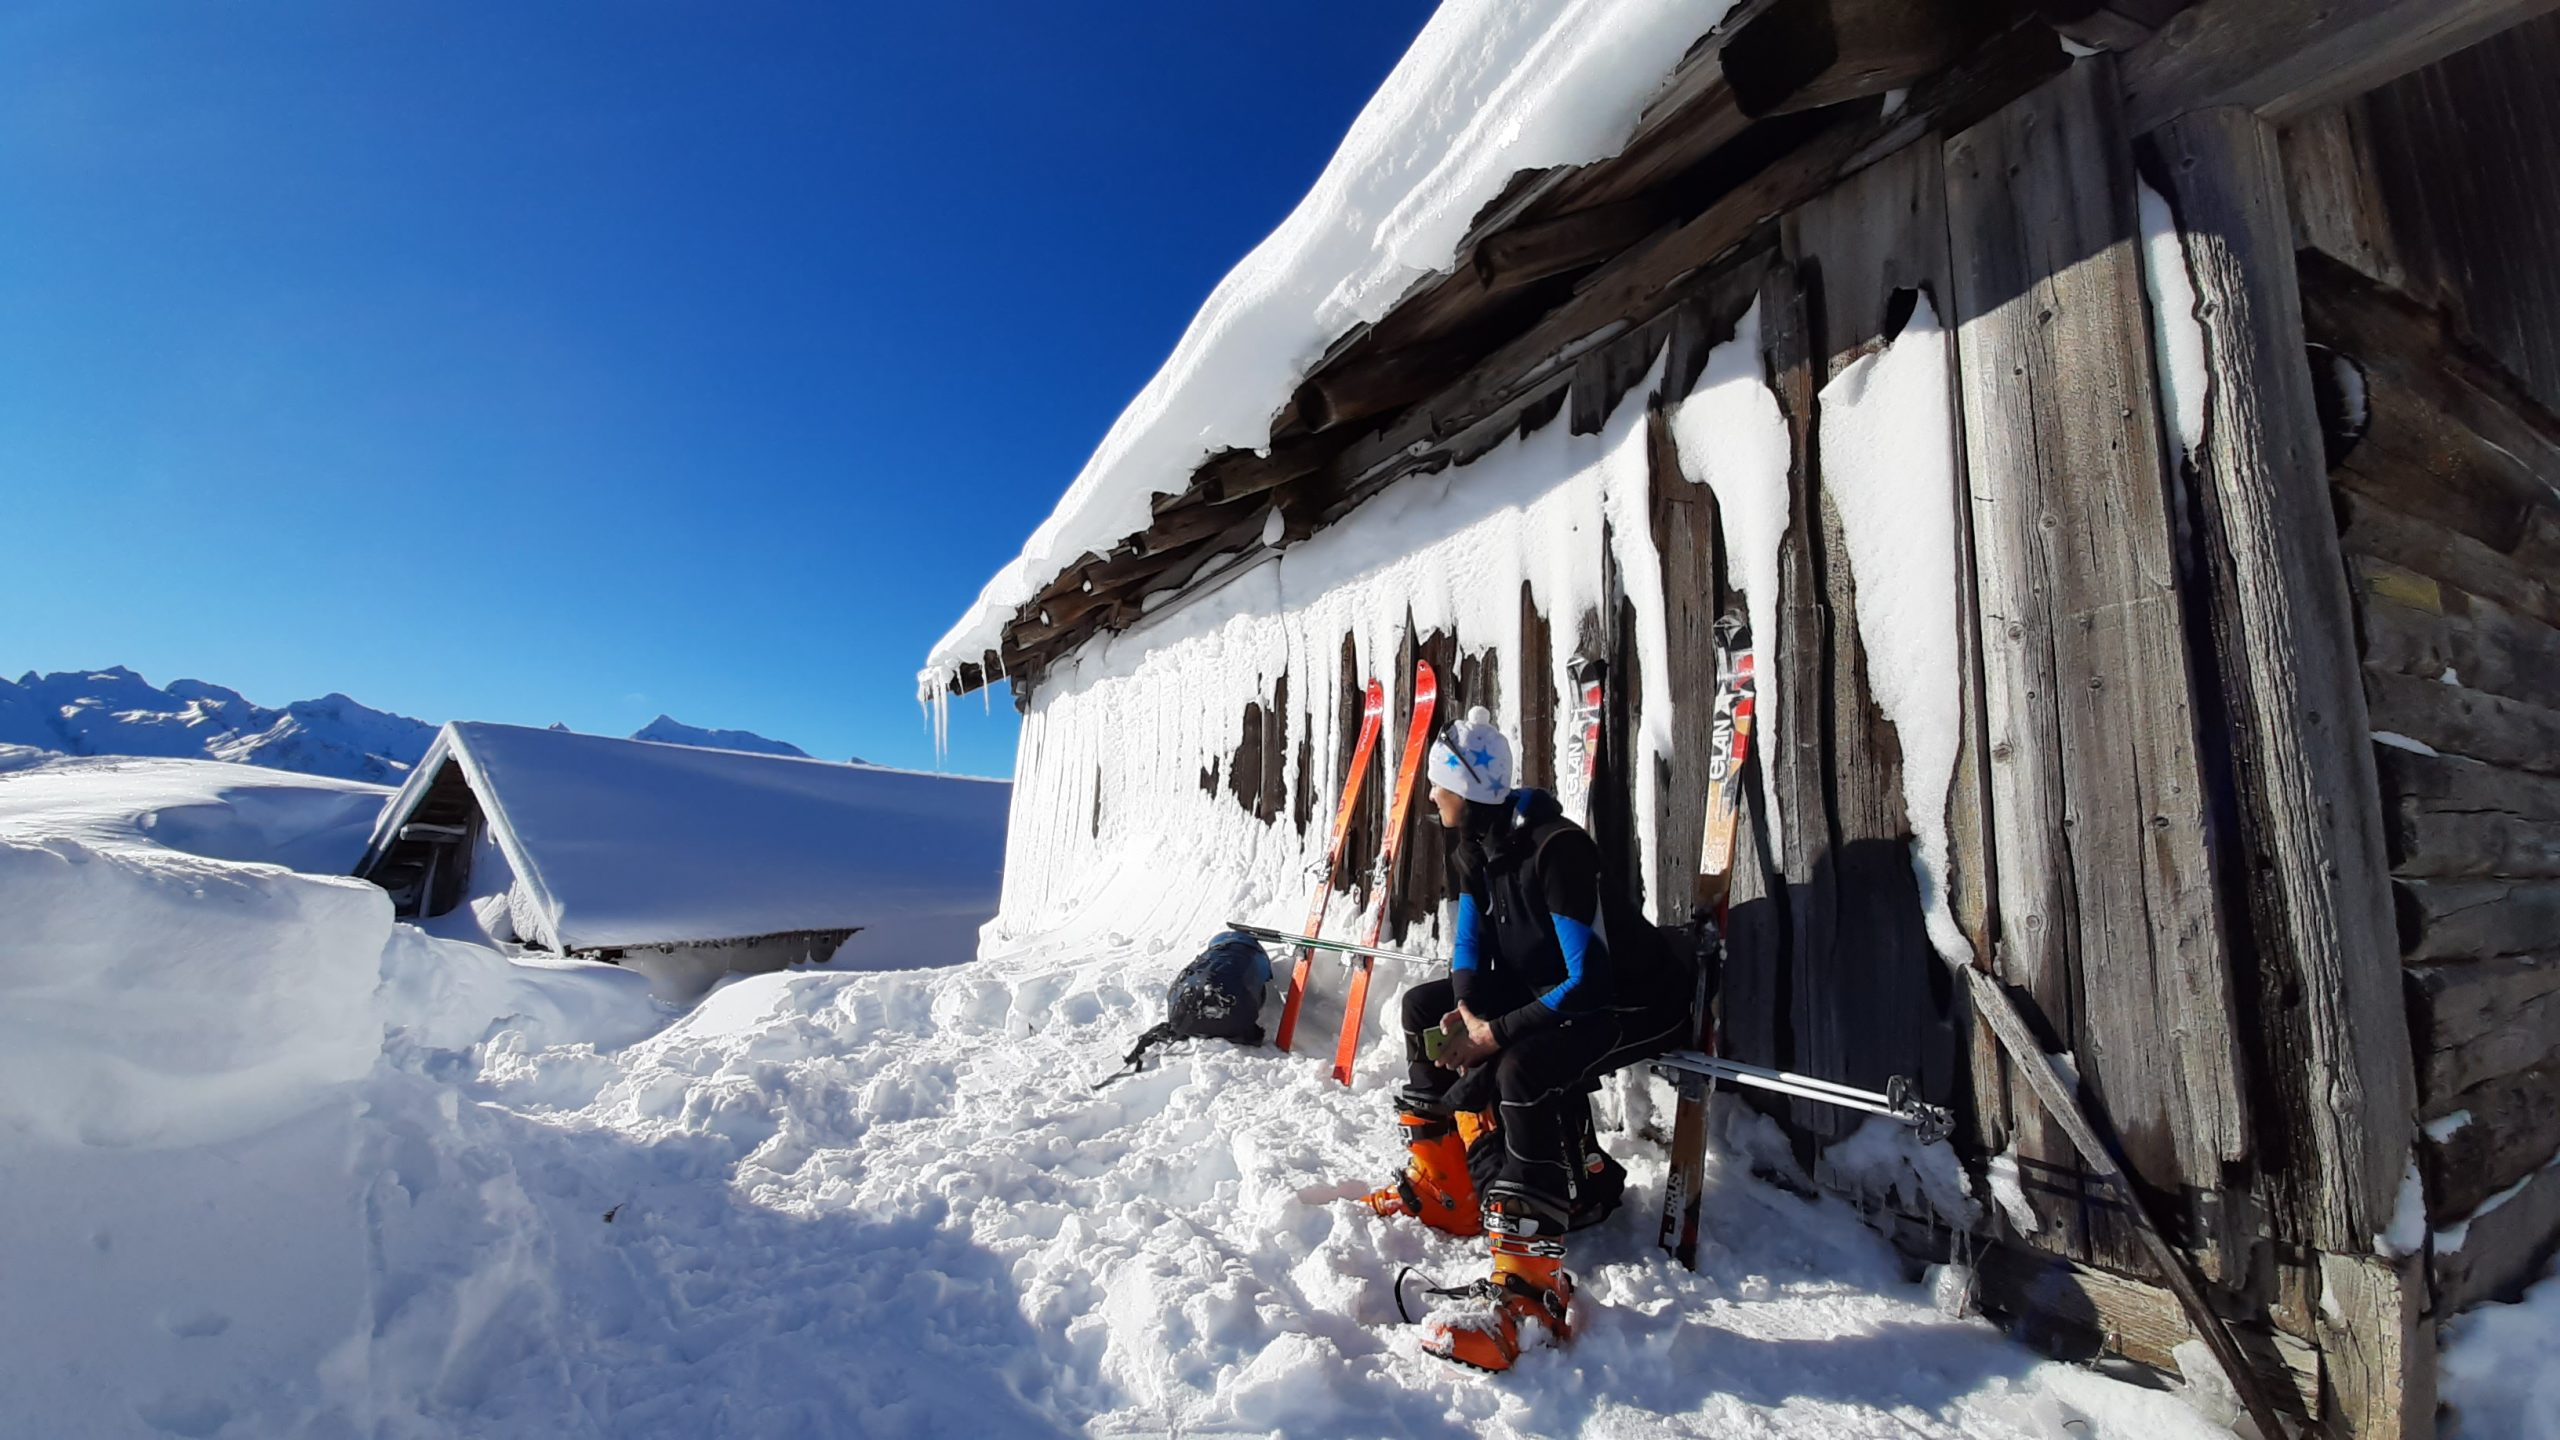 Ammirare il panorama mozzafiato con uno spuntino nella soffice neve